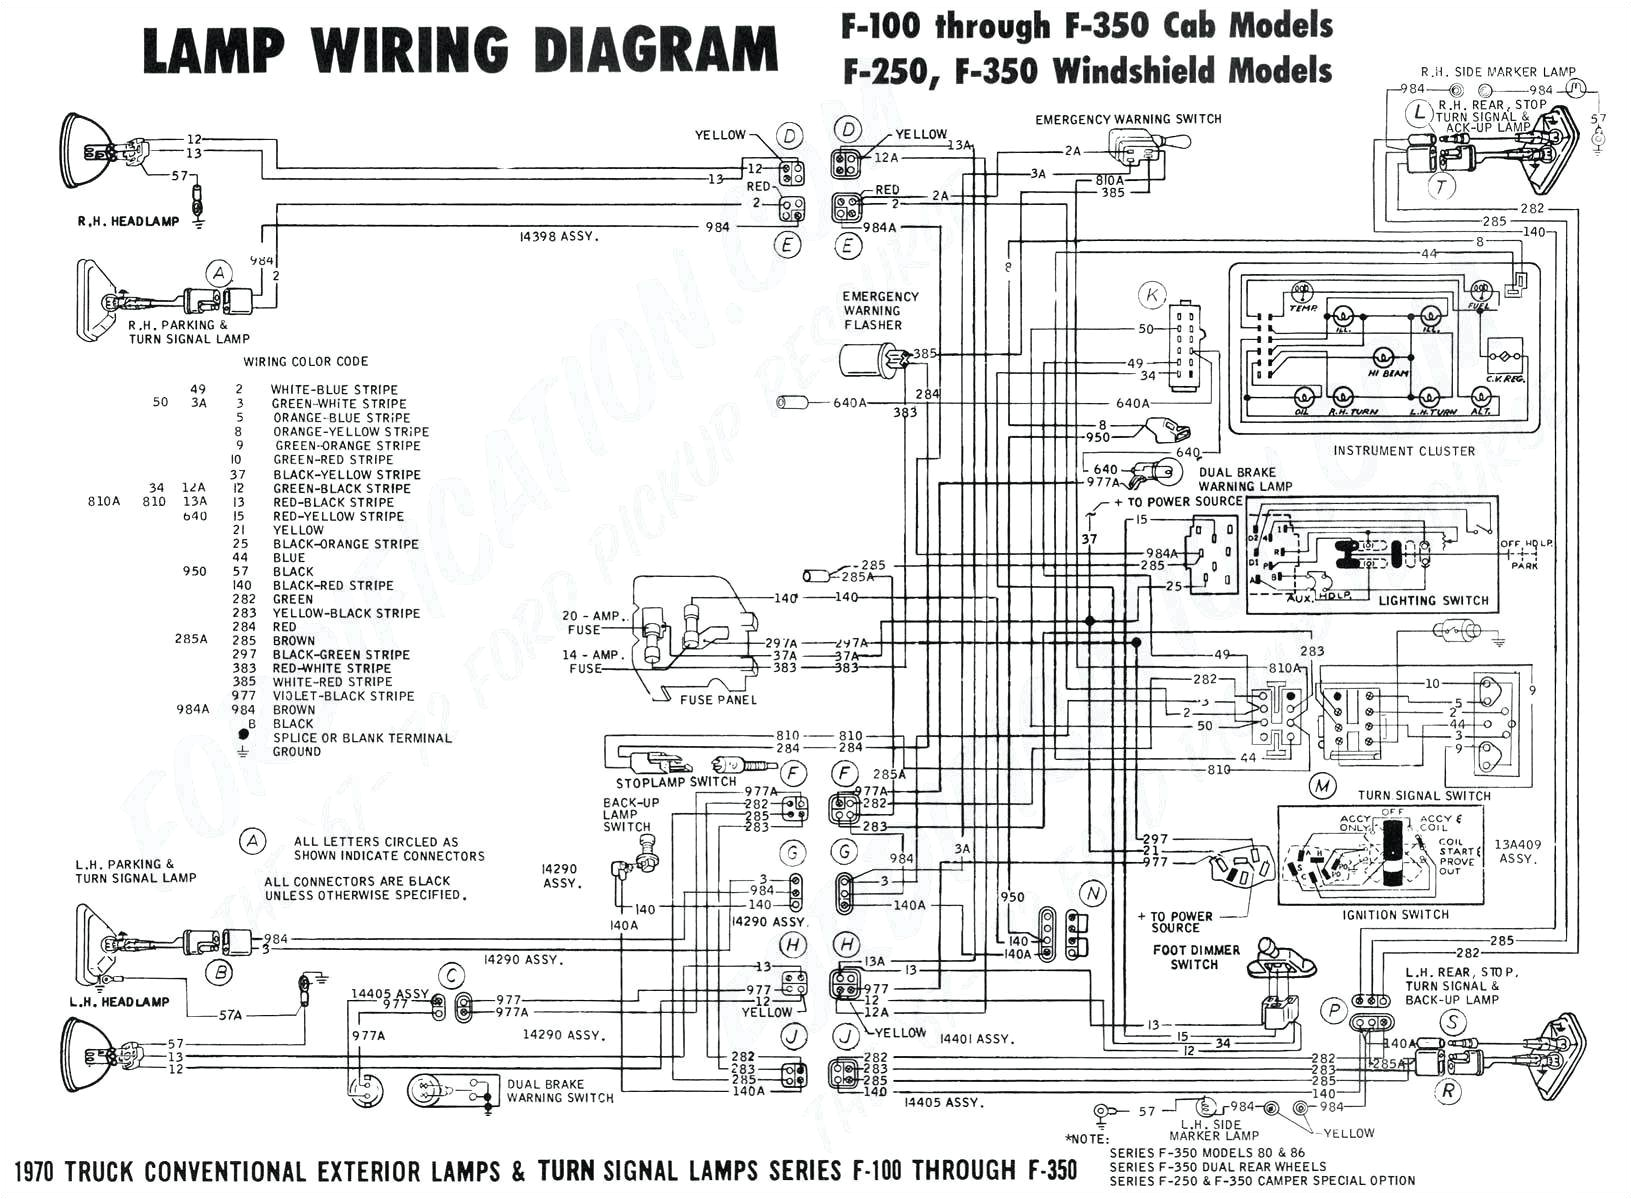 honda generator carburetor diagram furthermore honda ex5500 honda ex5500 wiring diagram wiring diagram view honda generator